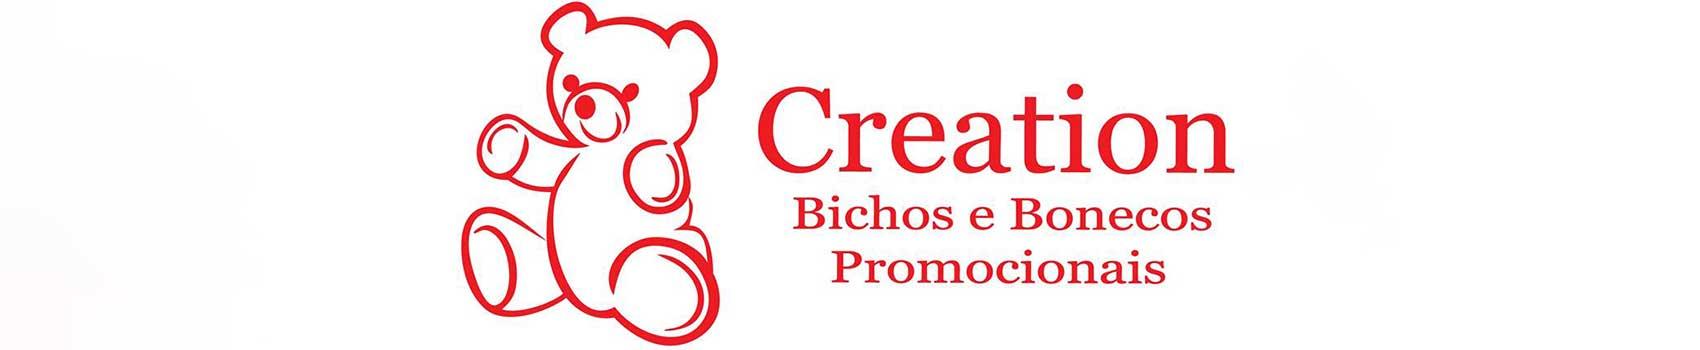 Creation Brindes